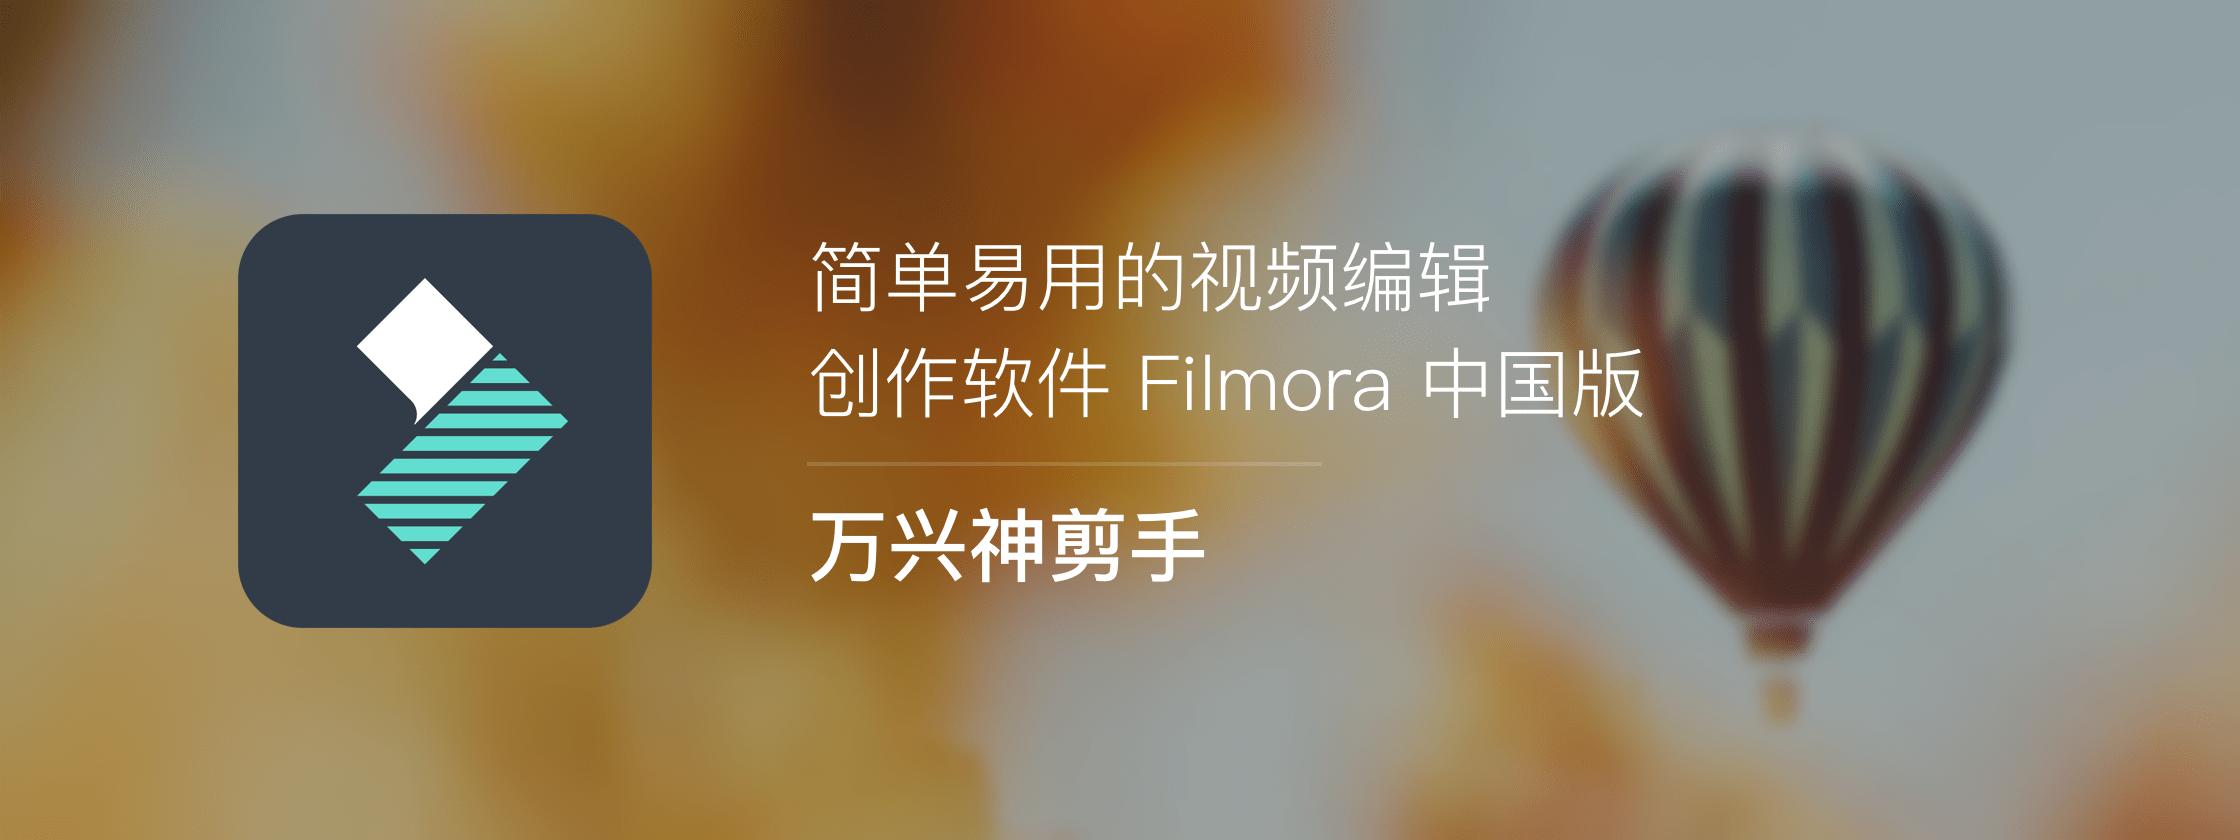 万兴神剪手,强大视频编辑/制作软件 Filmora中国版